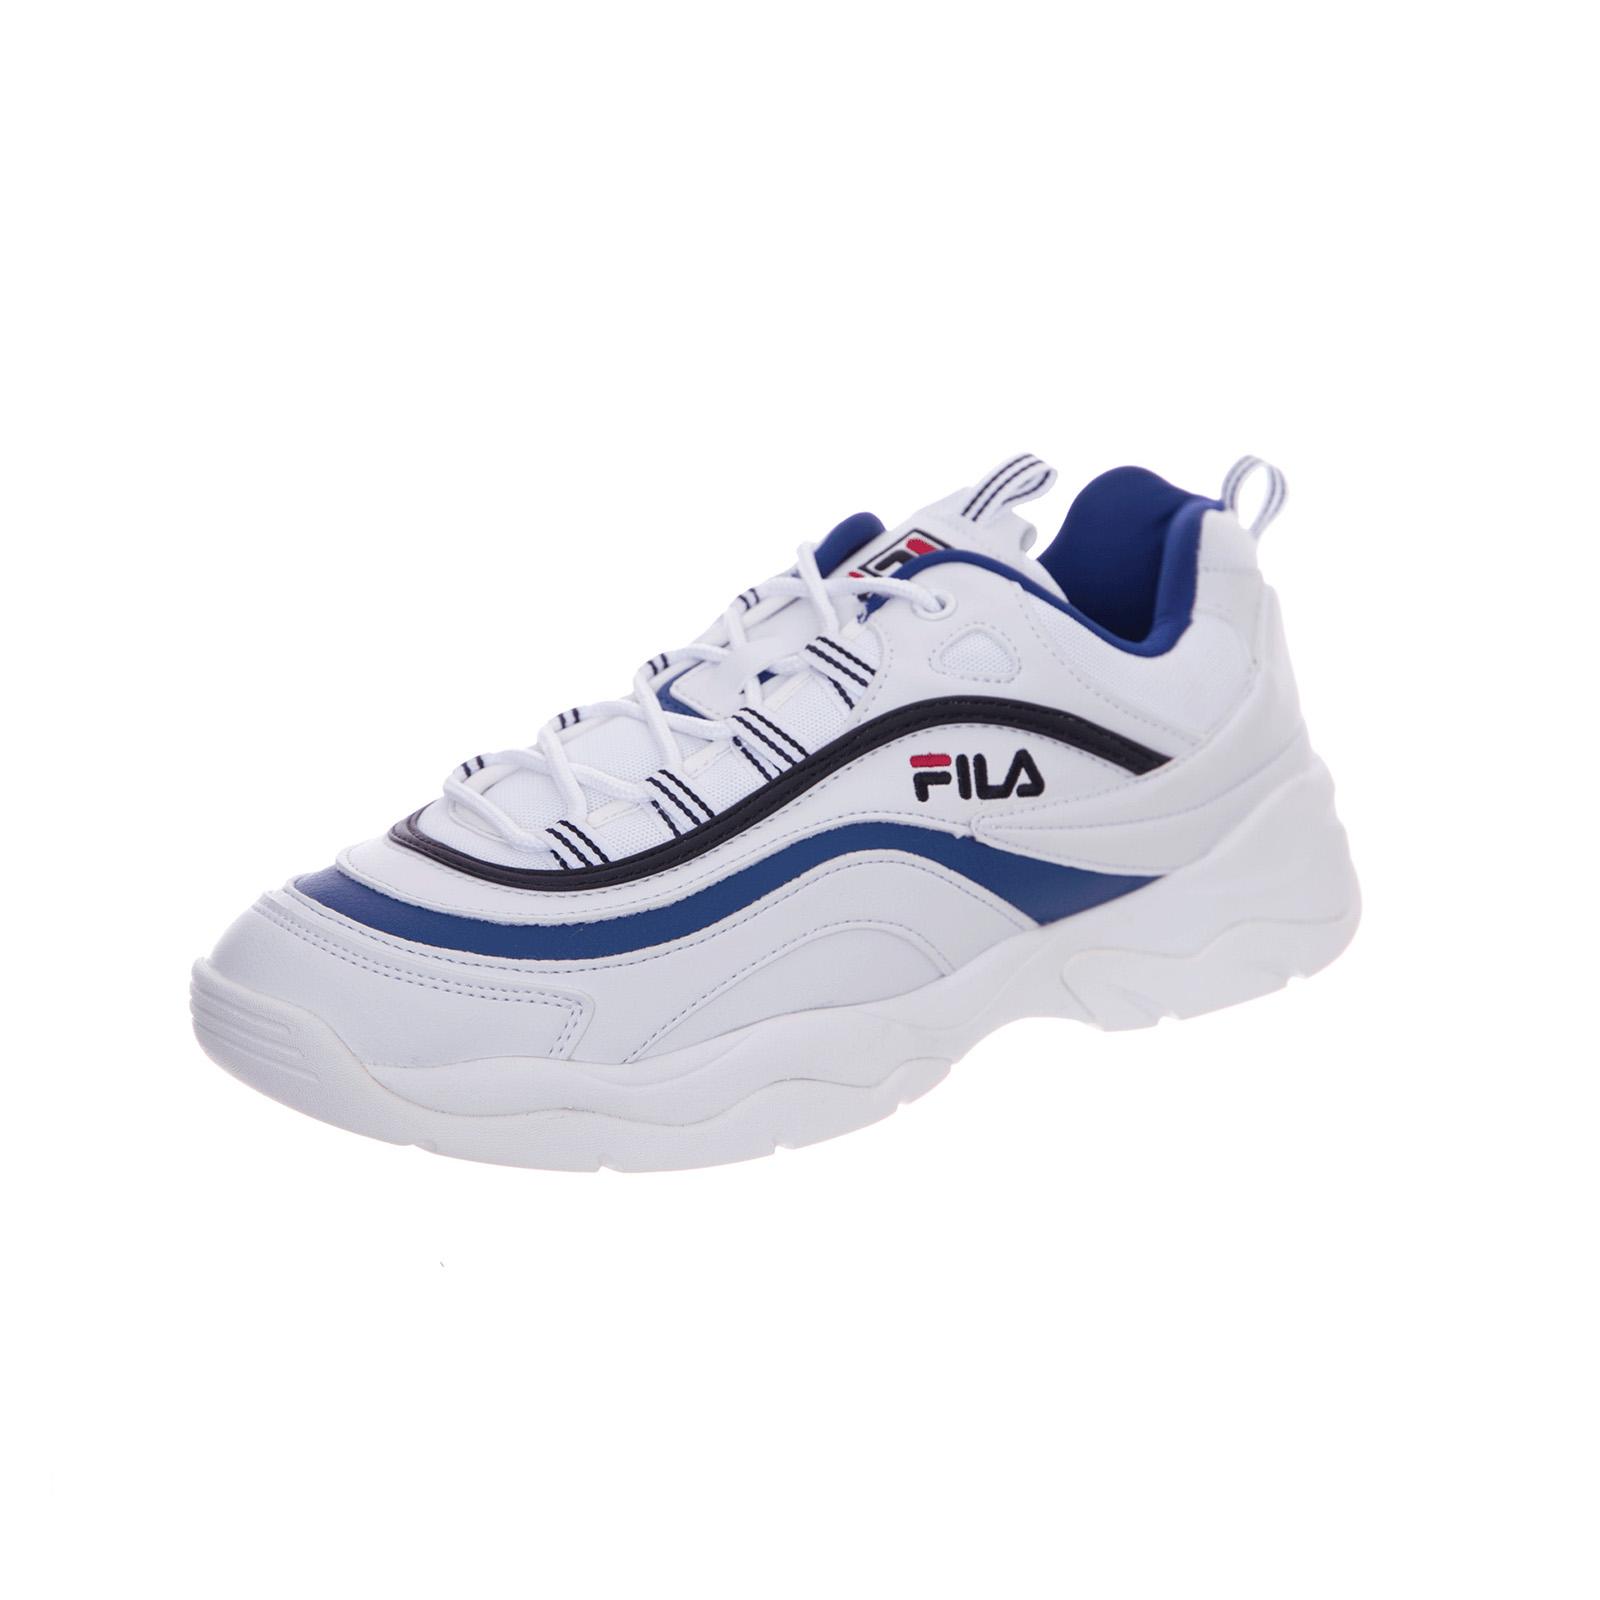 Faible Sur Ray Blancelectric Fila Baskets Détails Blanc Blue JTlK13Fc